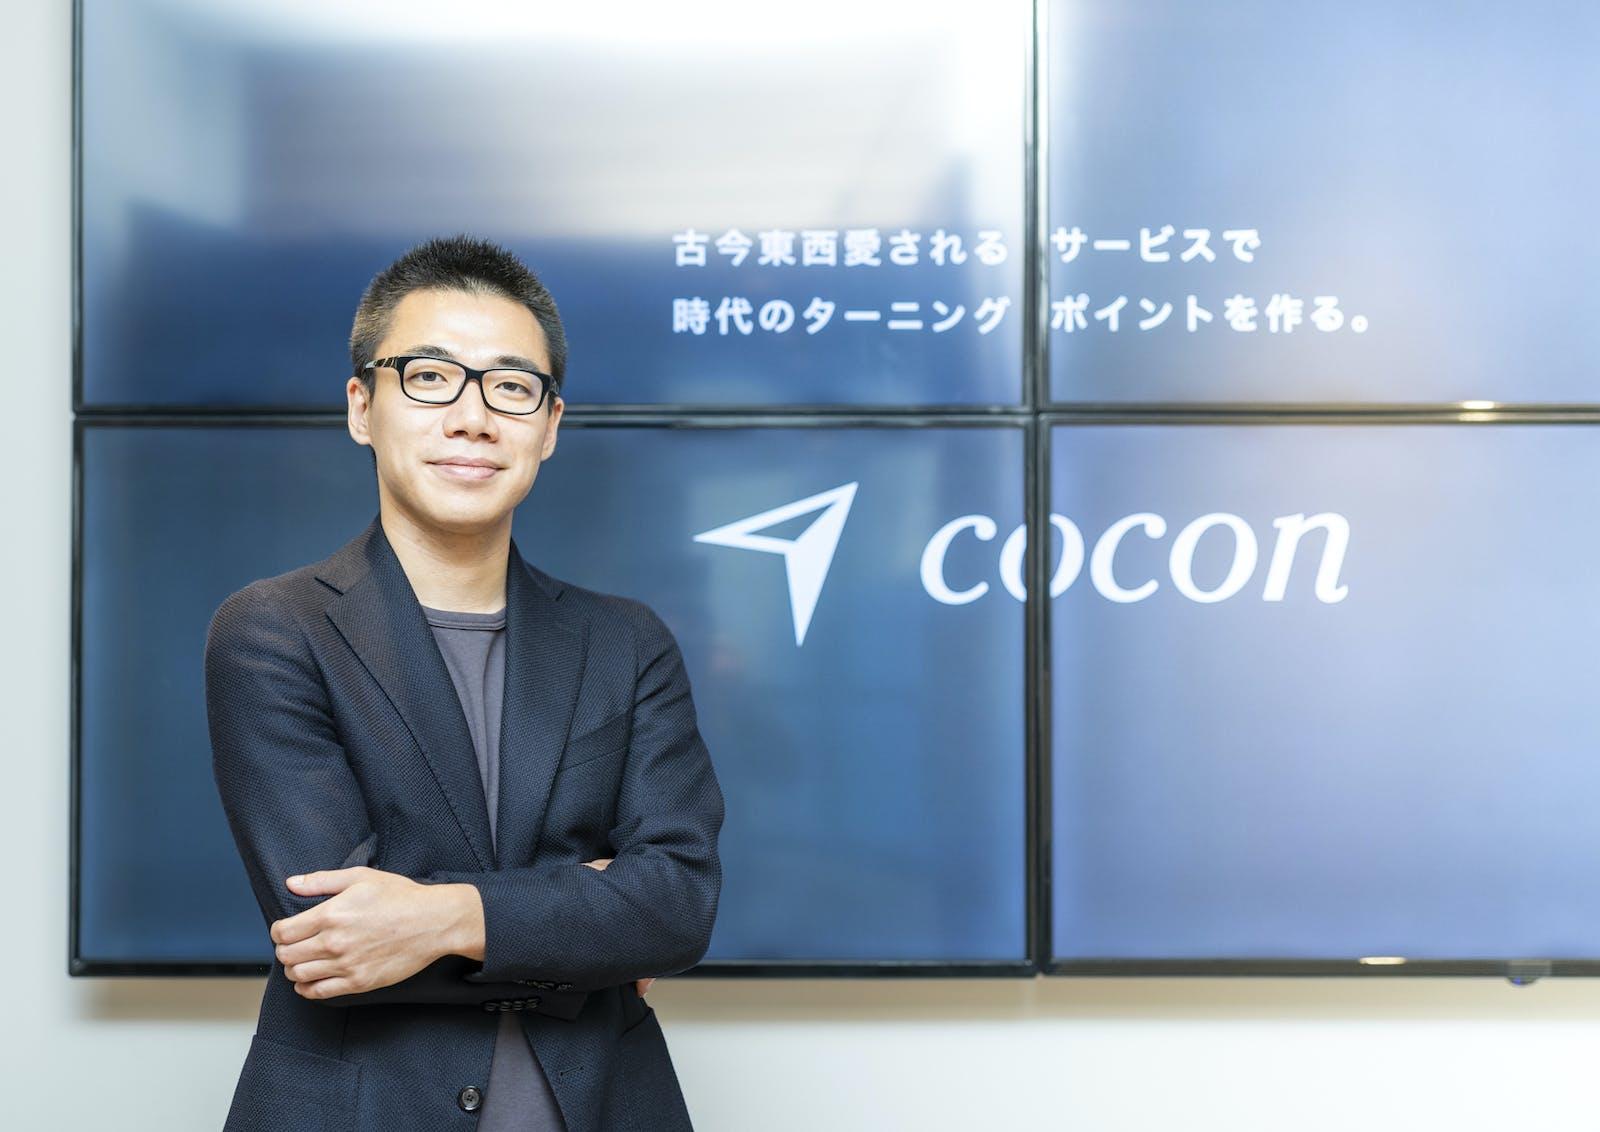 ココン株式会社のアイキャッチ画像